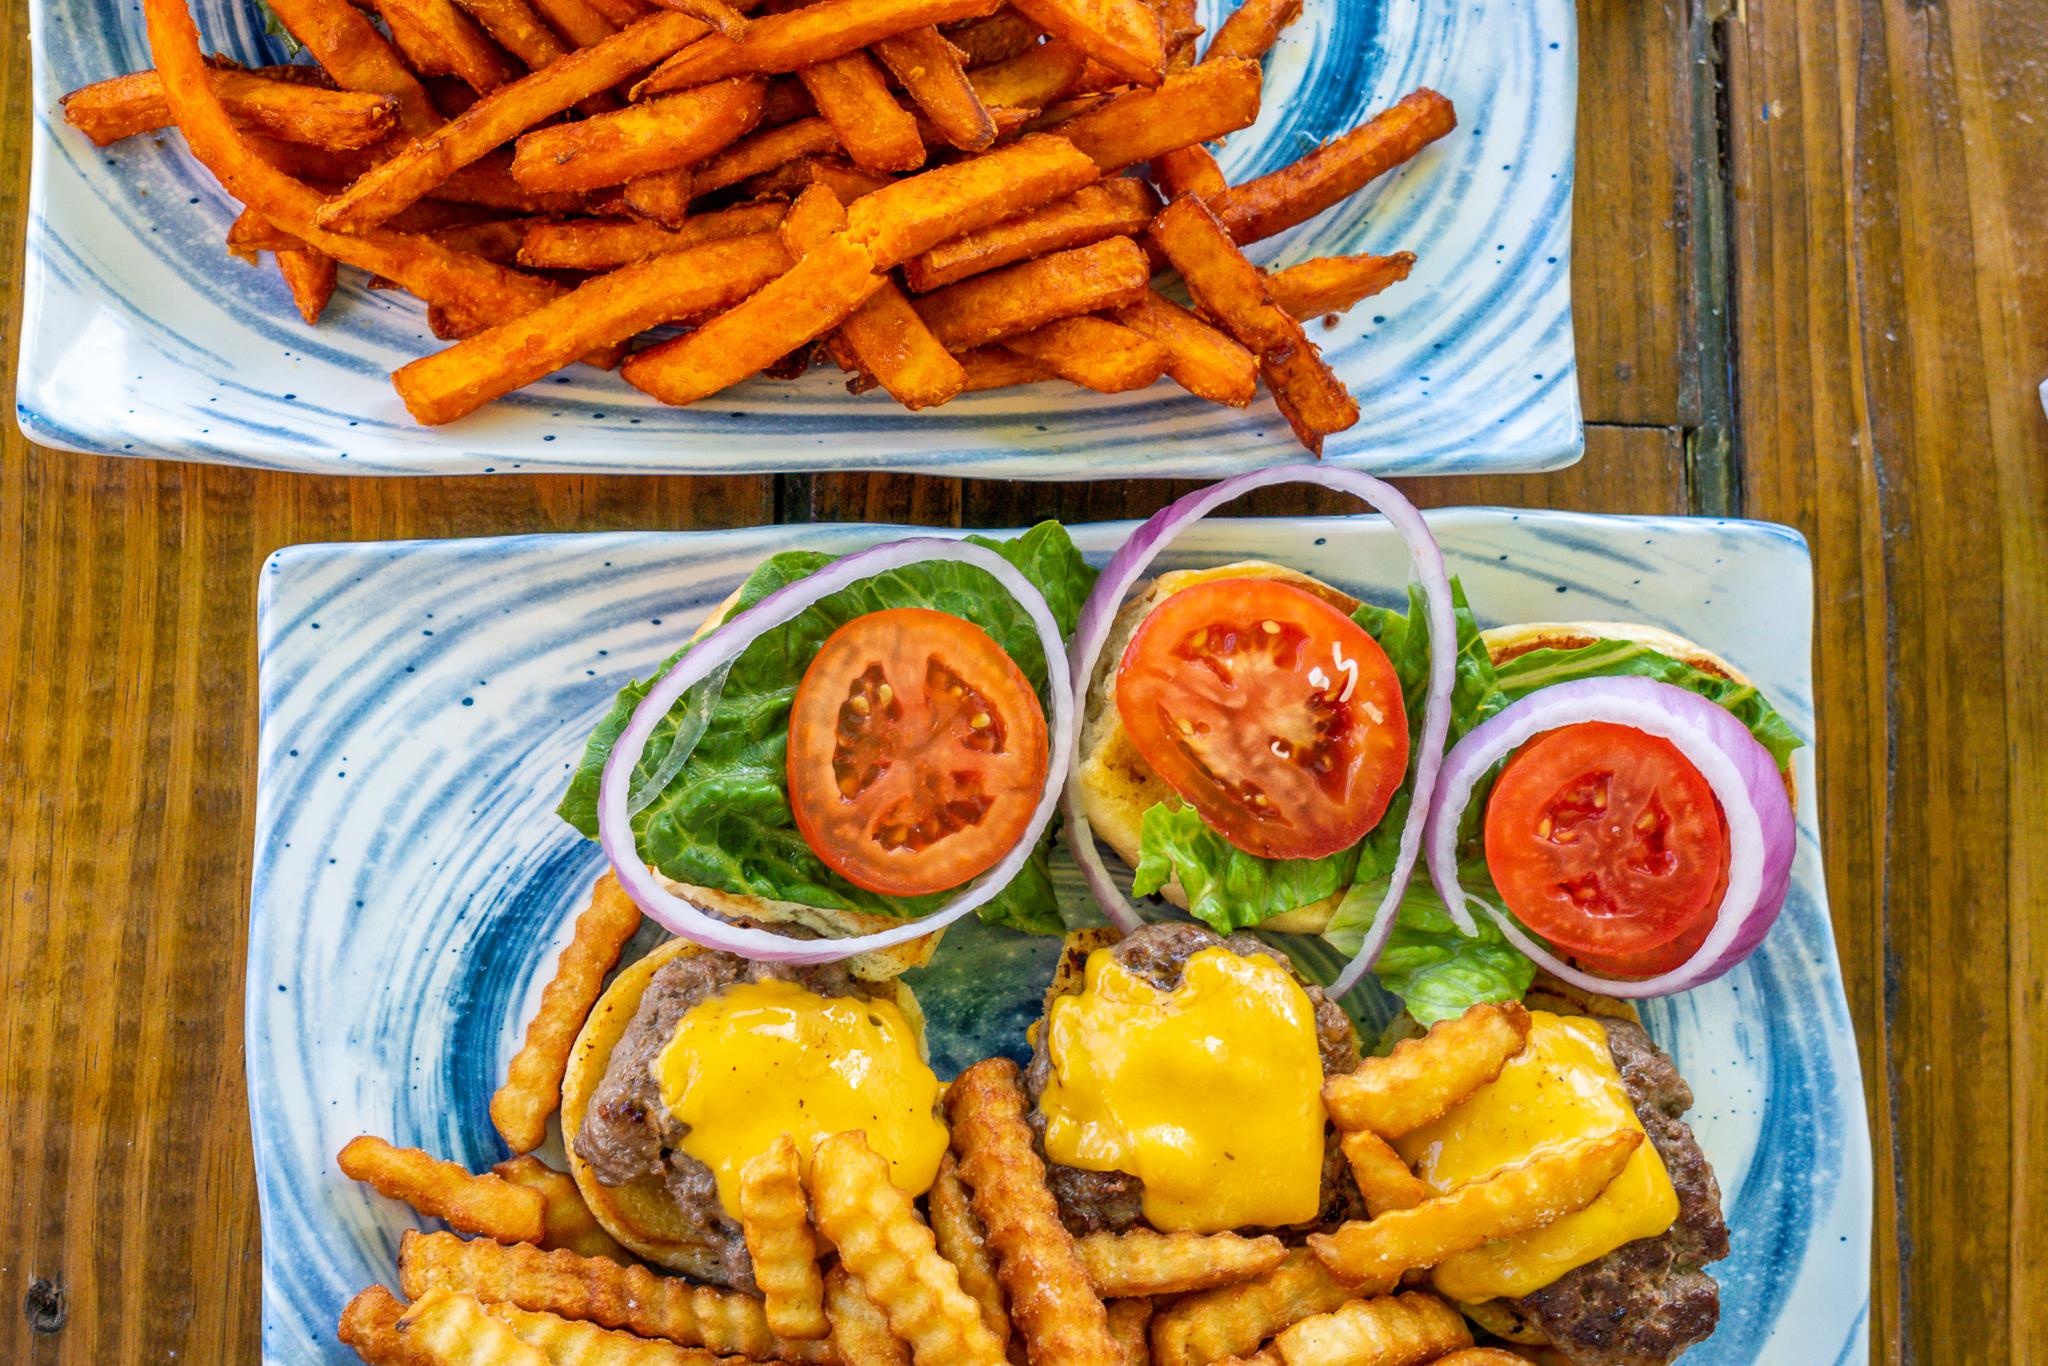 Burger-Ish